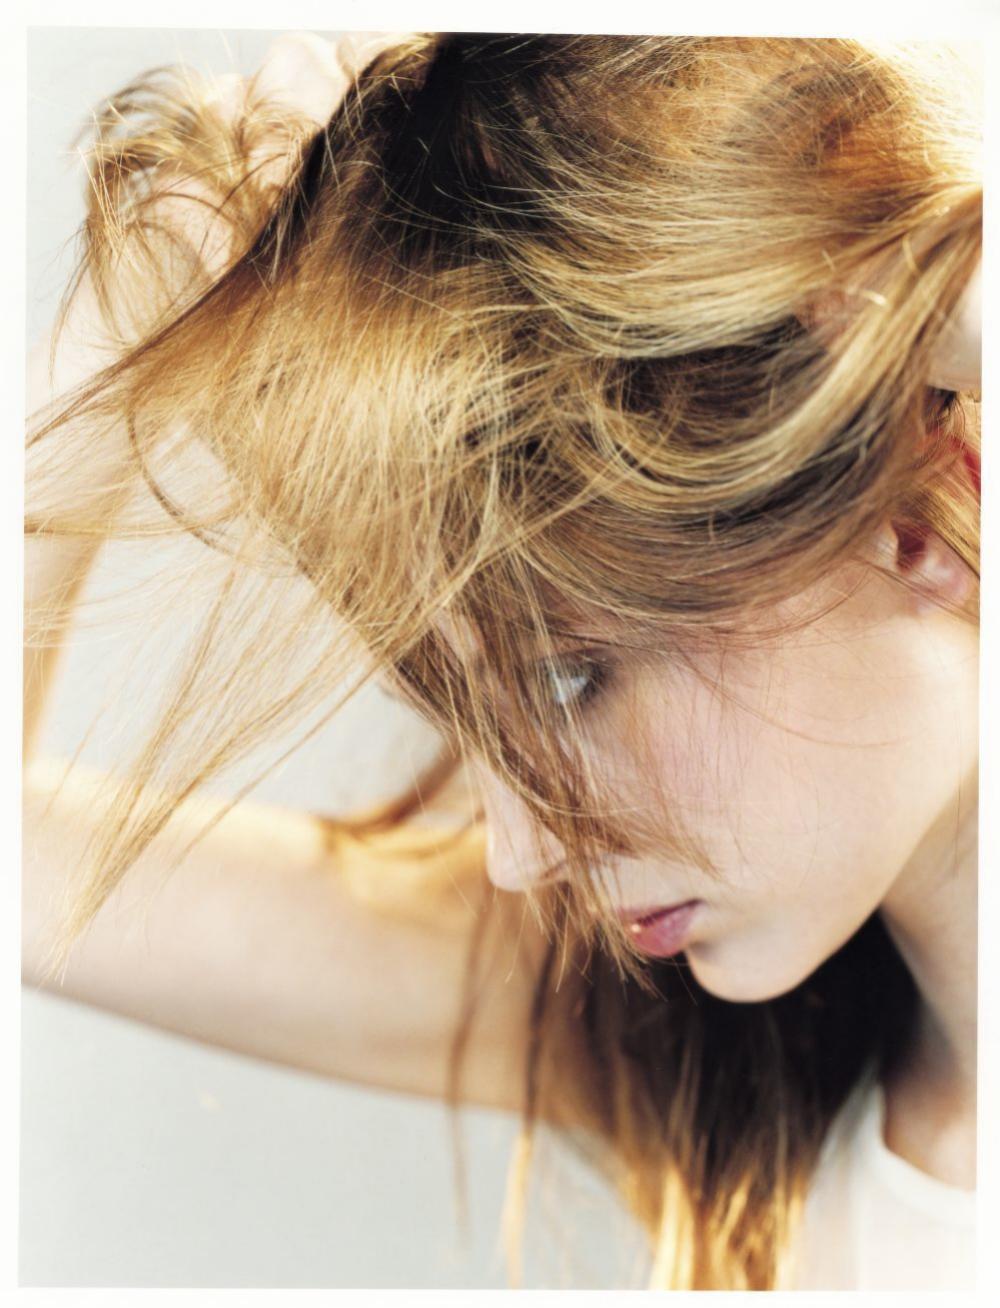 La caída capilar puede tener causas hormonales-